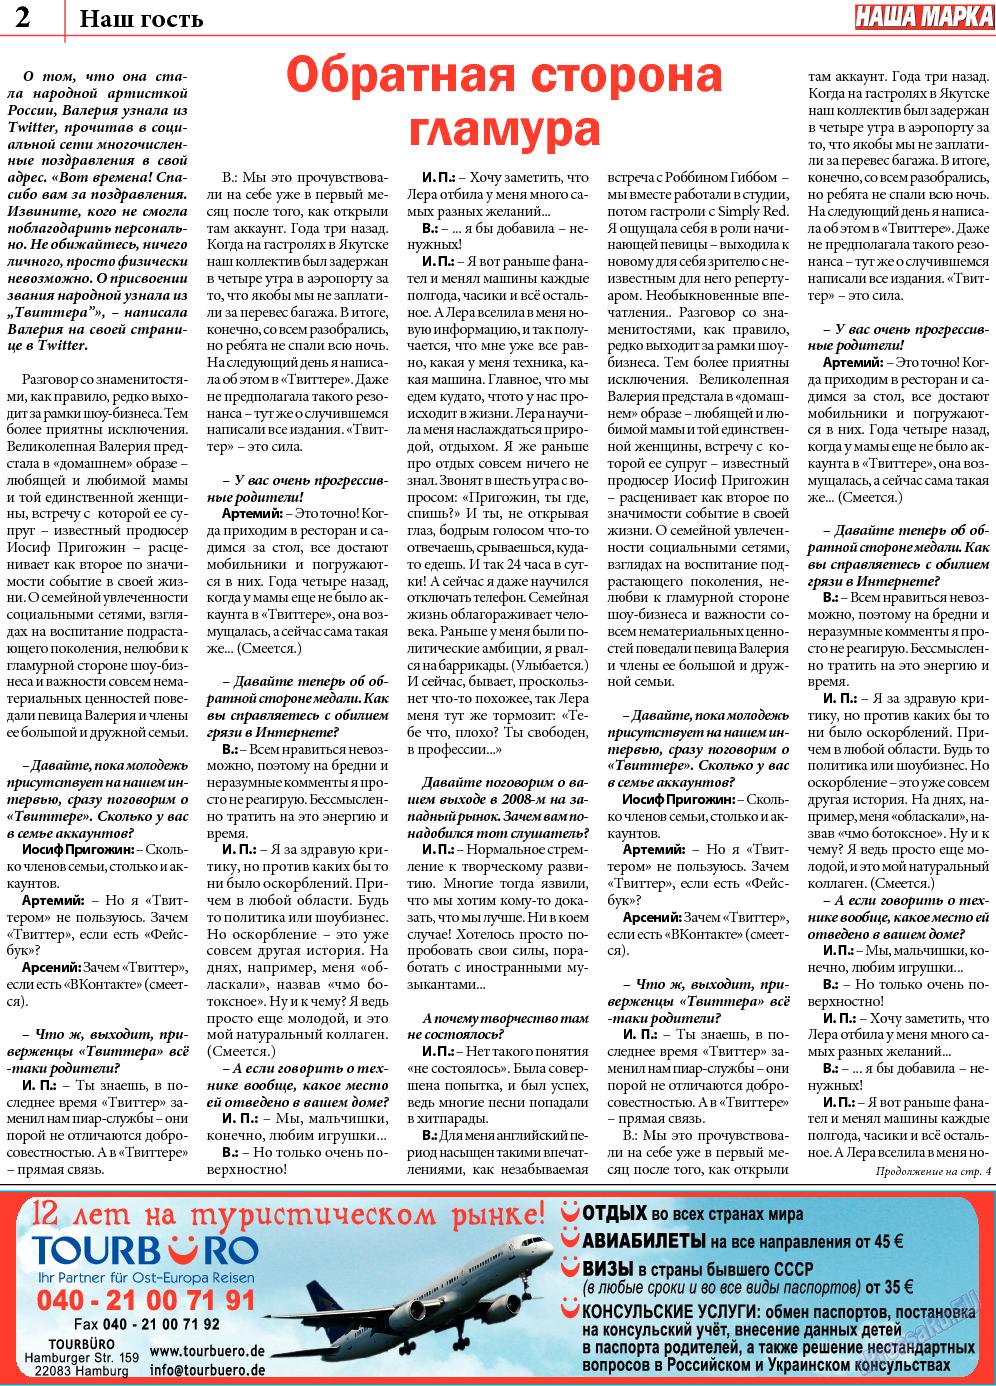 Наша марка (газета). 2013 год, номер 5, стр. 2